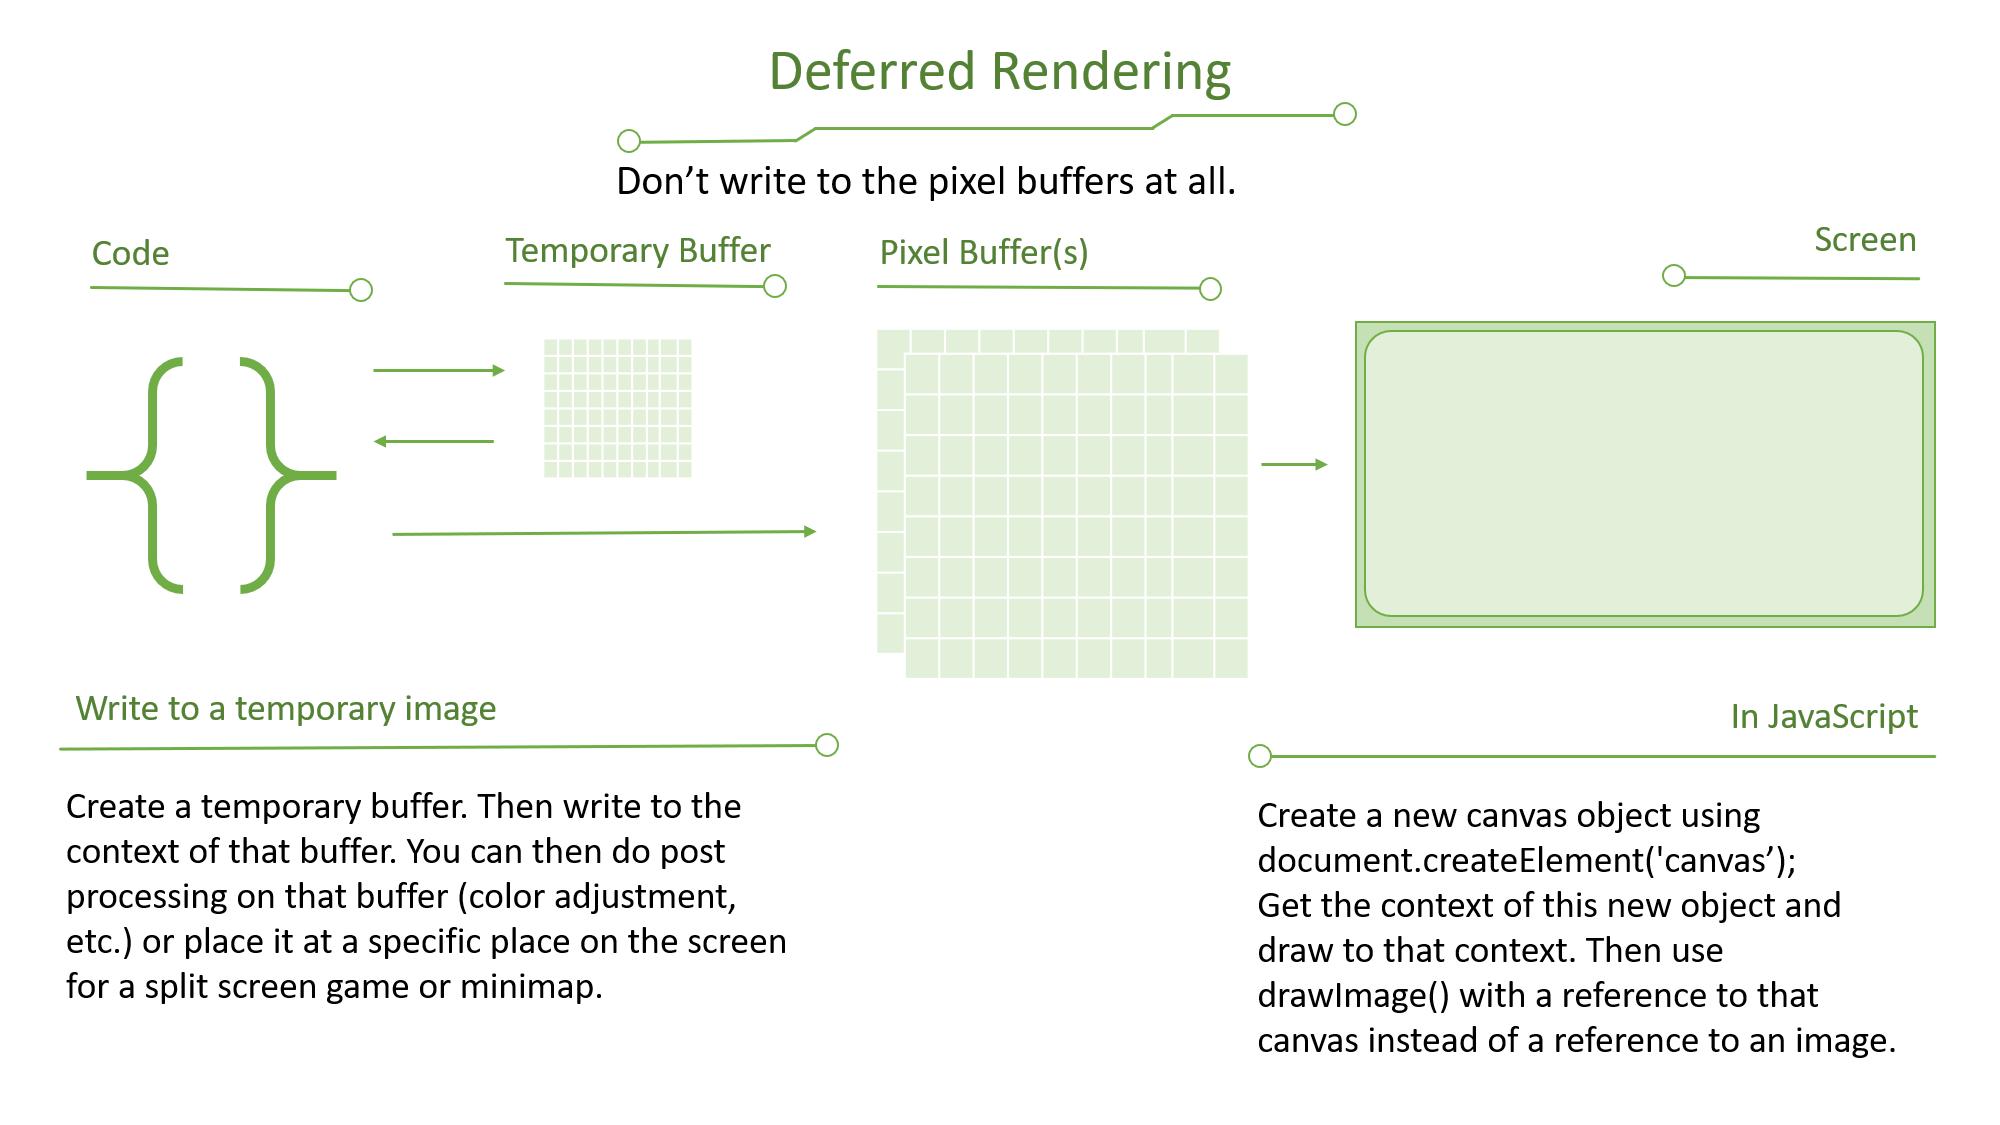 DeferredRendering